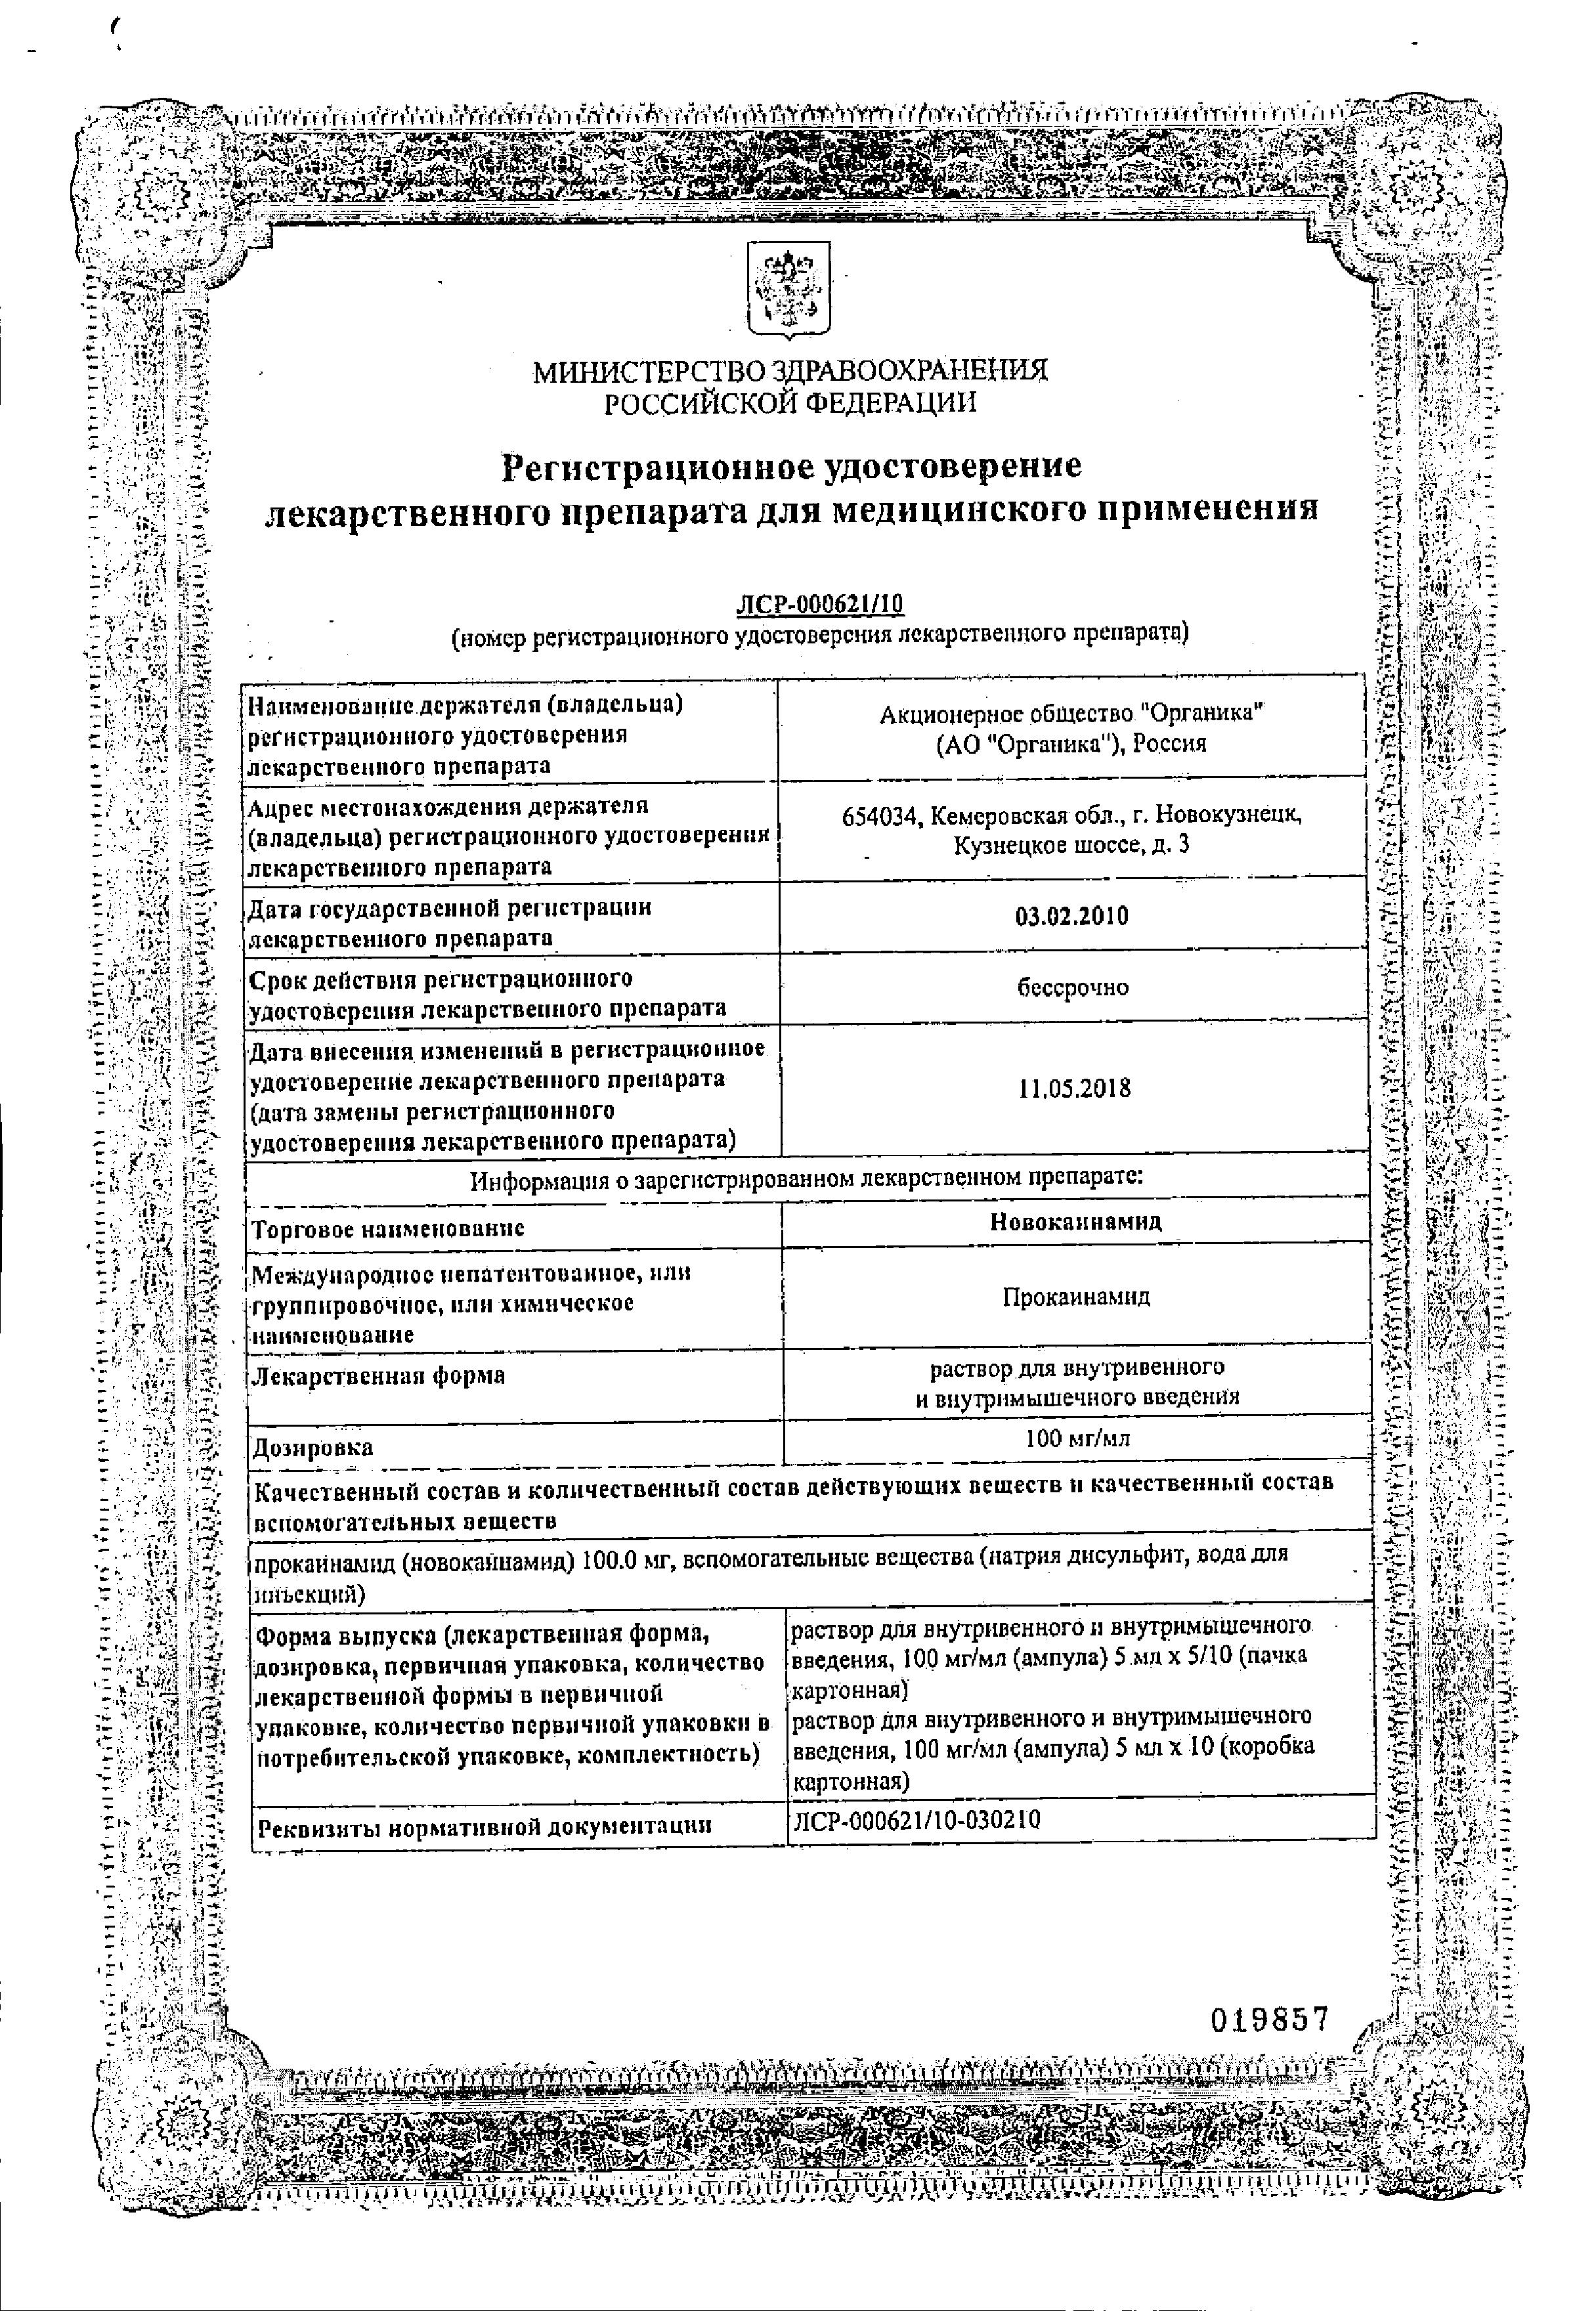 Новокаинамид сертификат